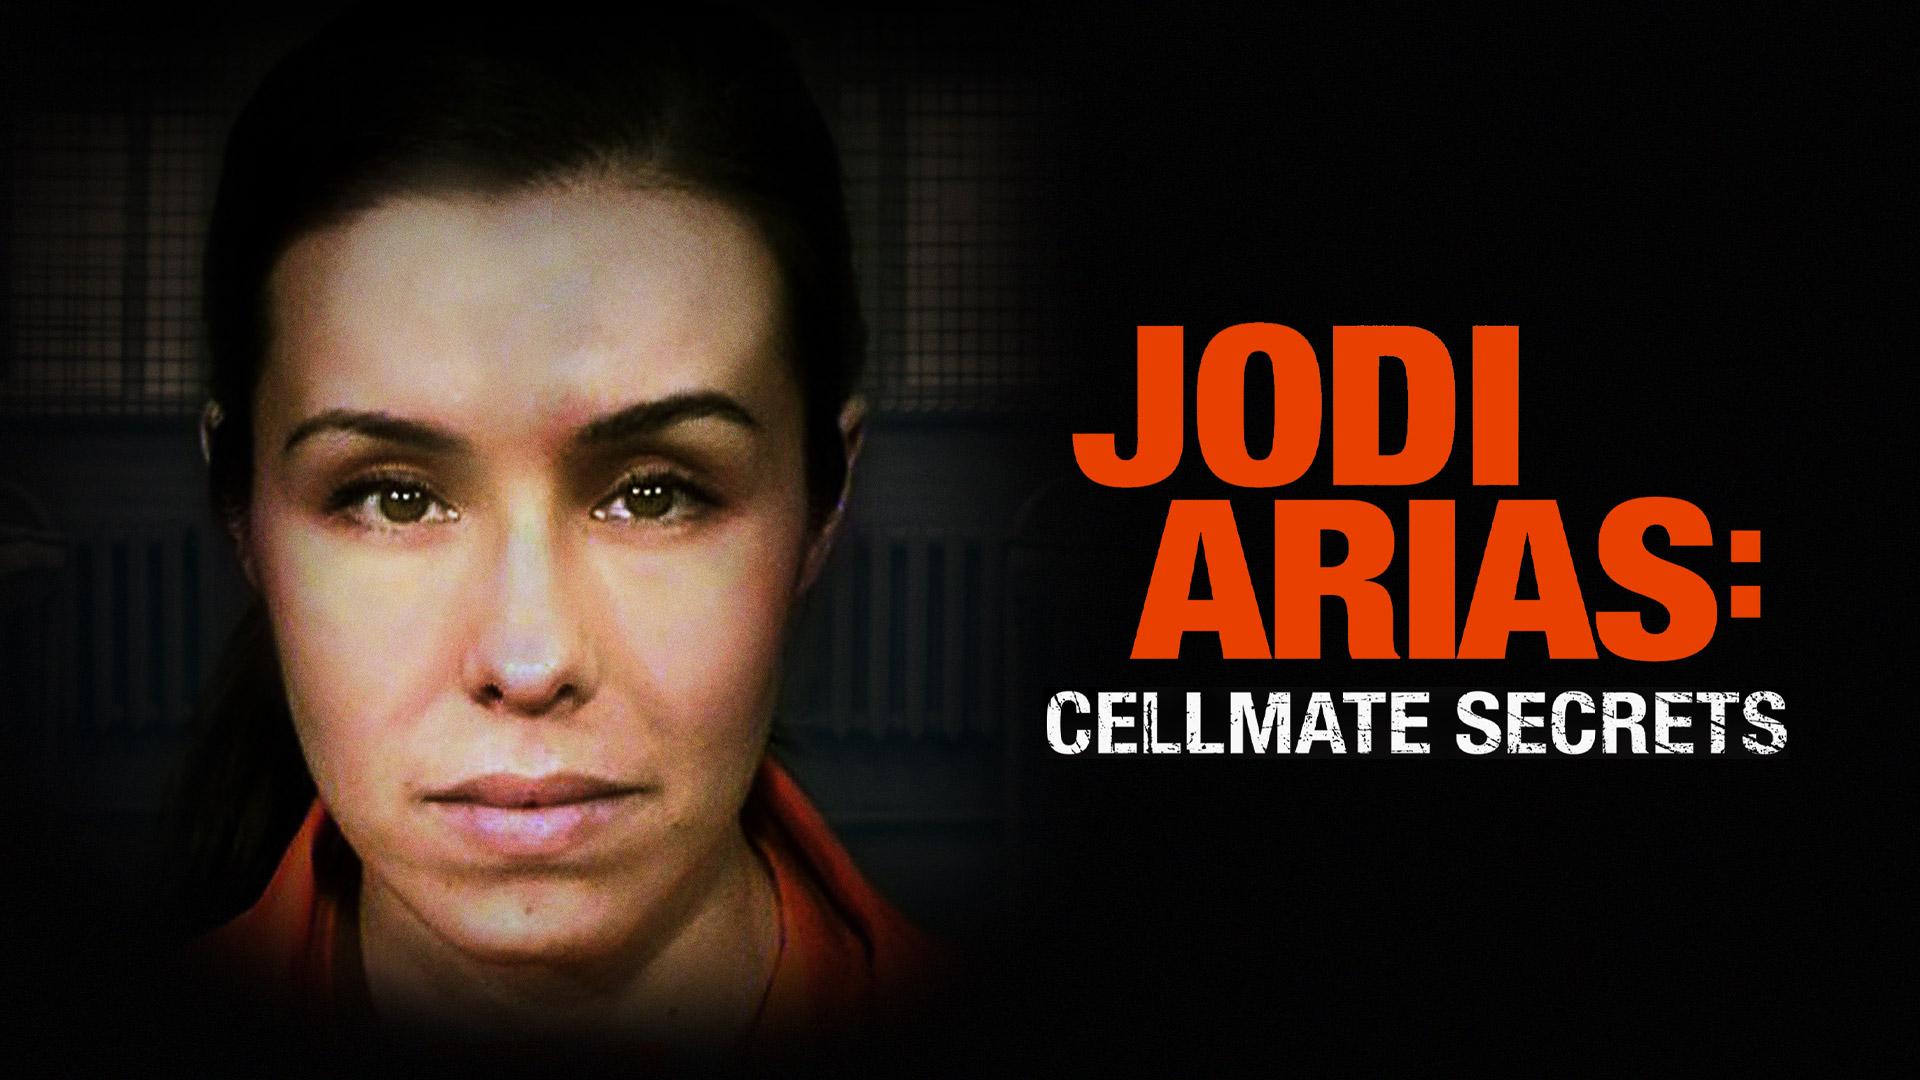 Jodi Arias: Cell Mate Secrets Season 1